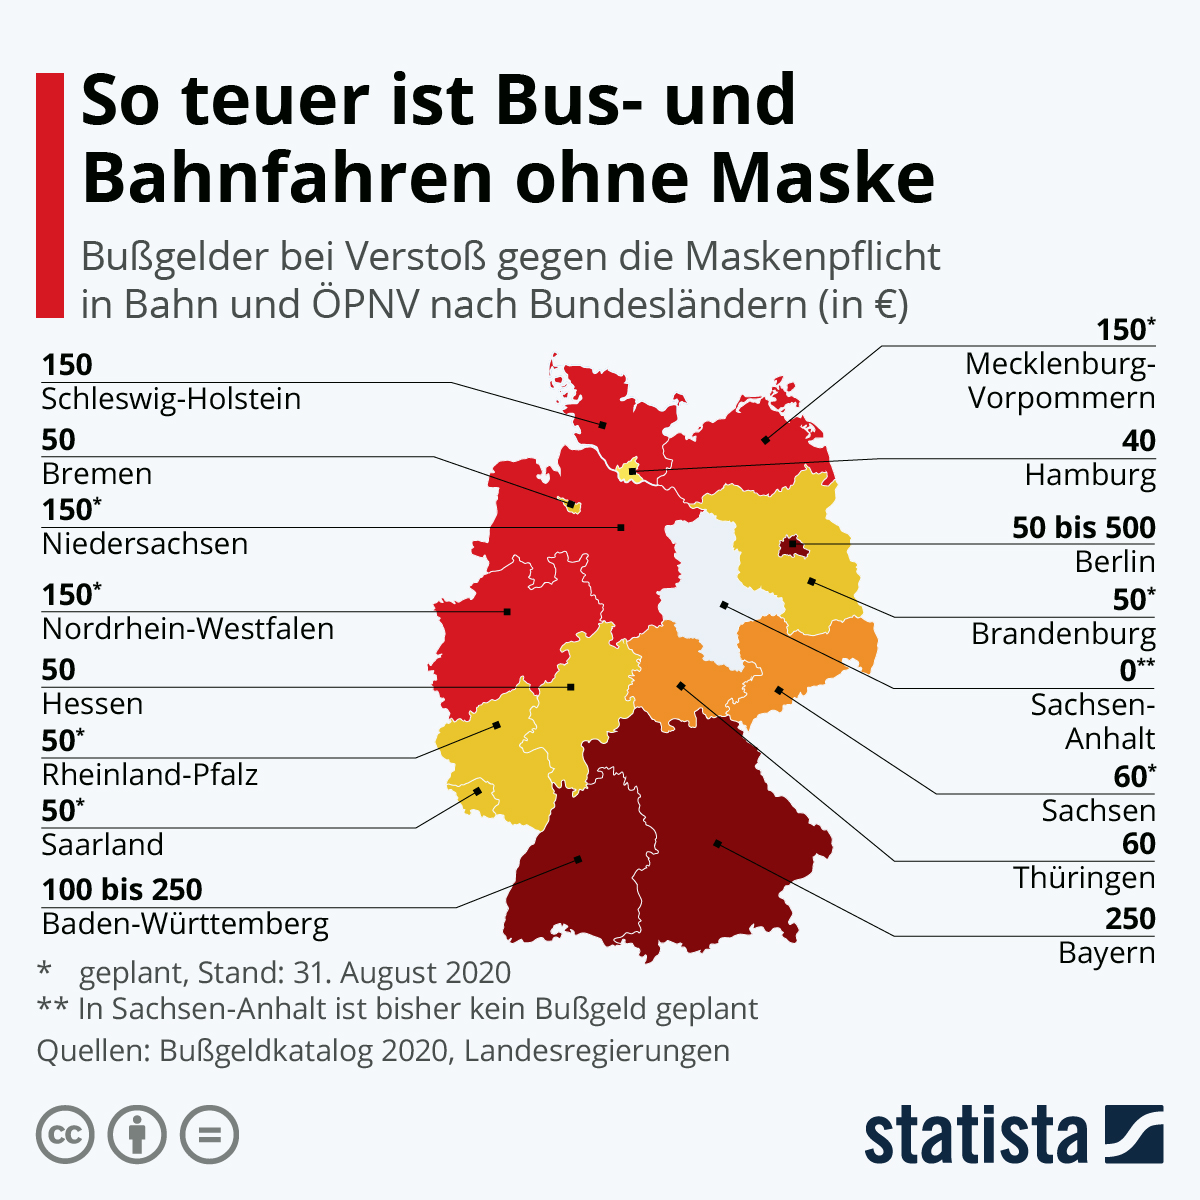 So teuer ist Bus- und Bahnfahren ohne Maske | Statista